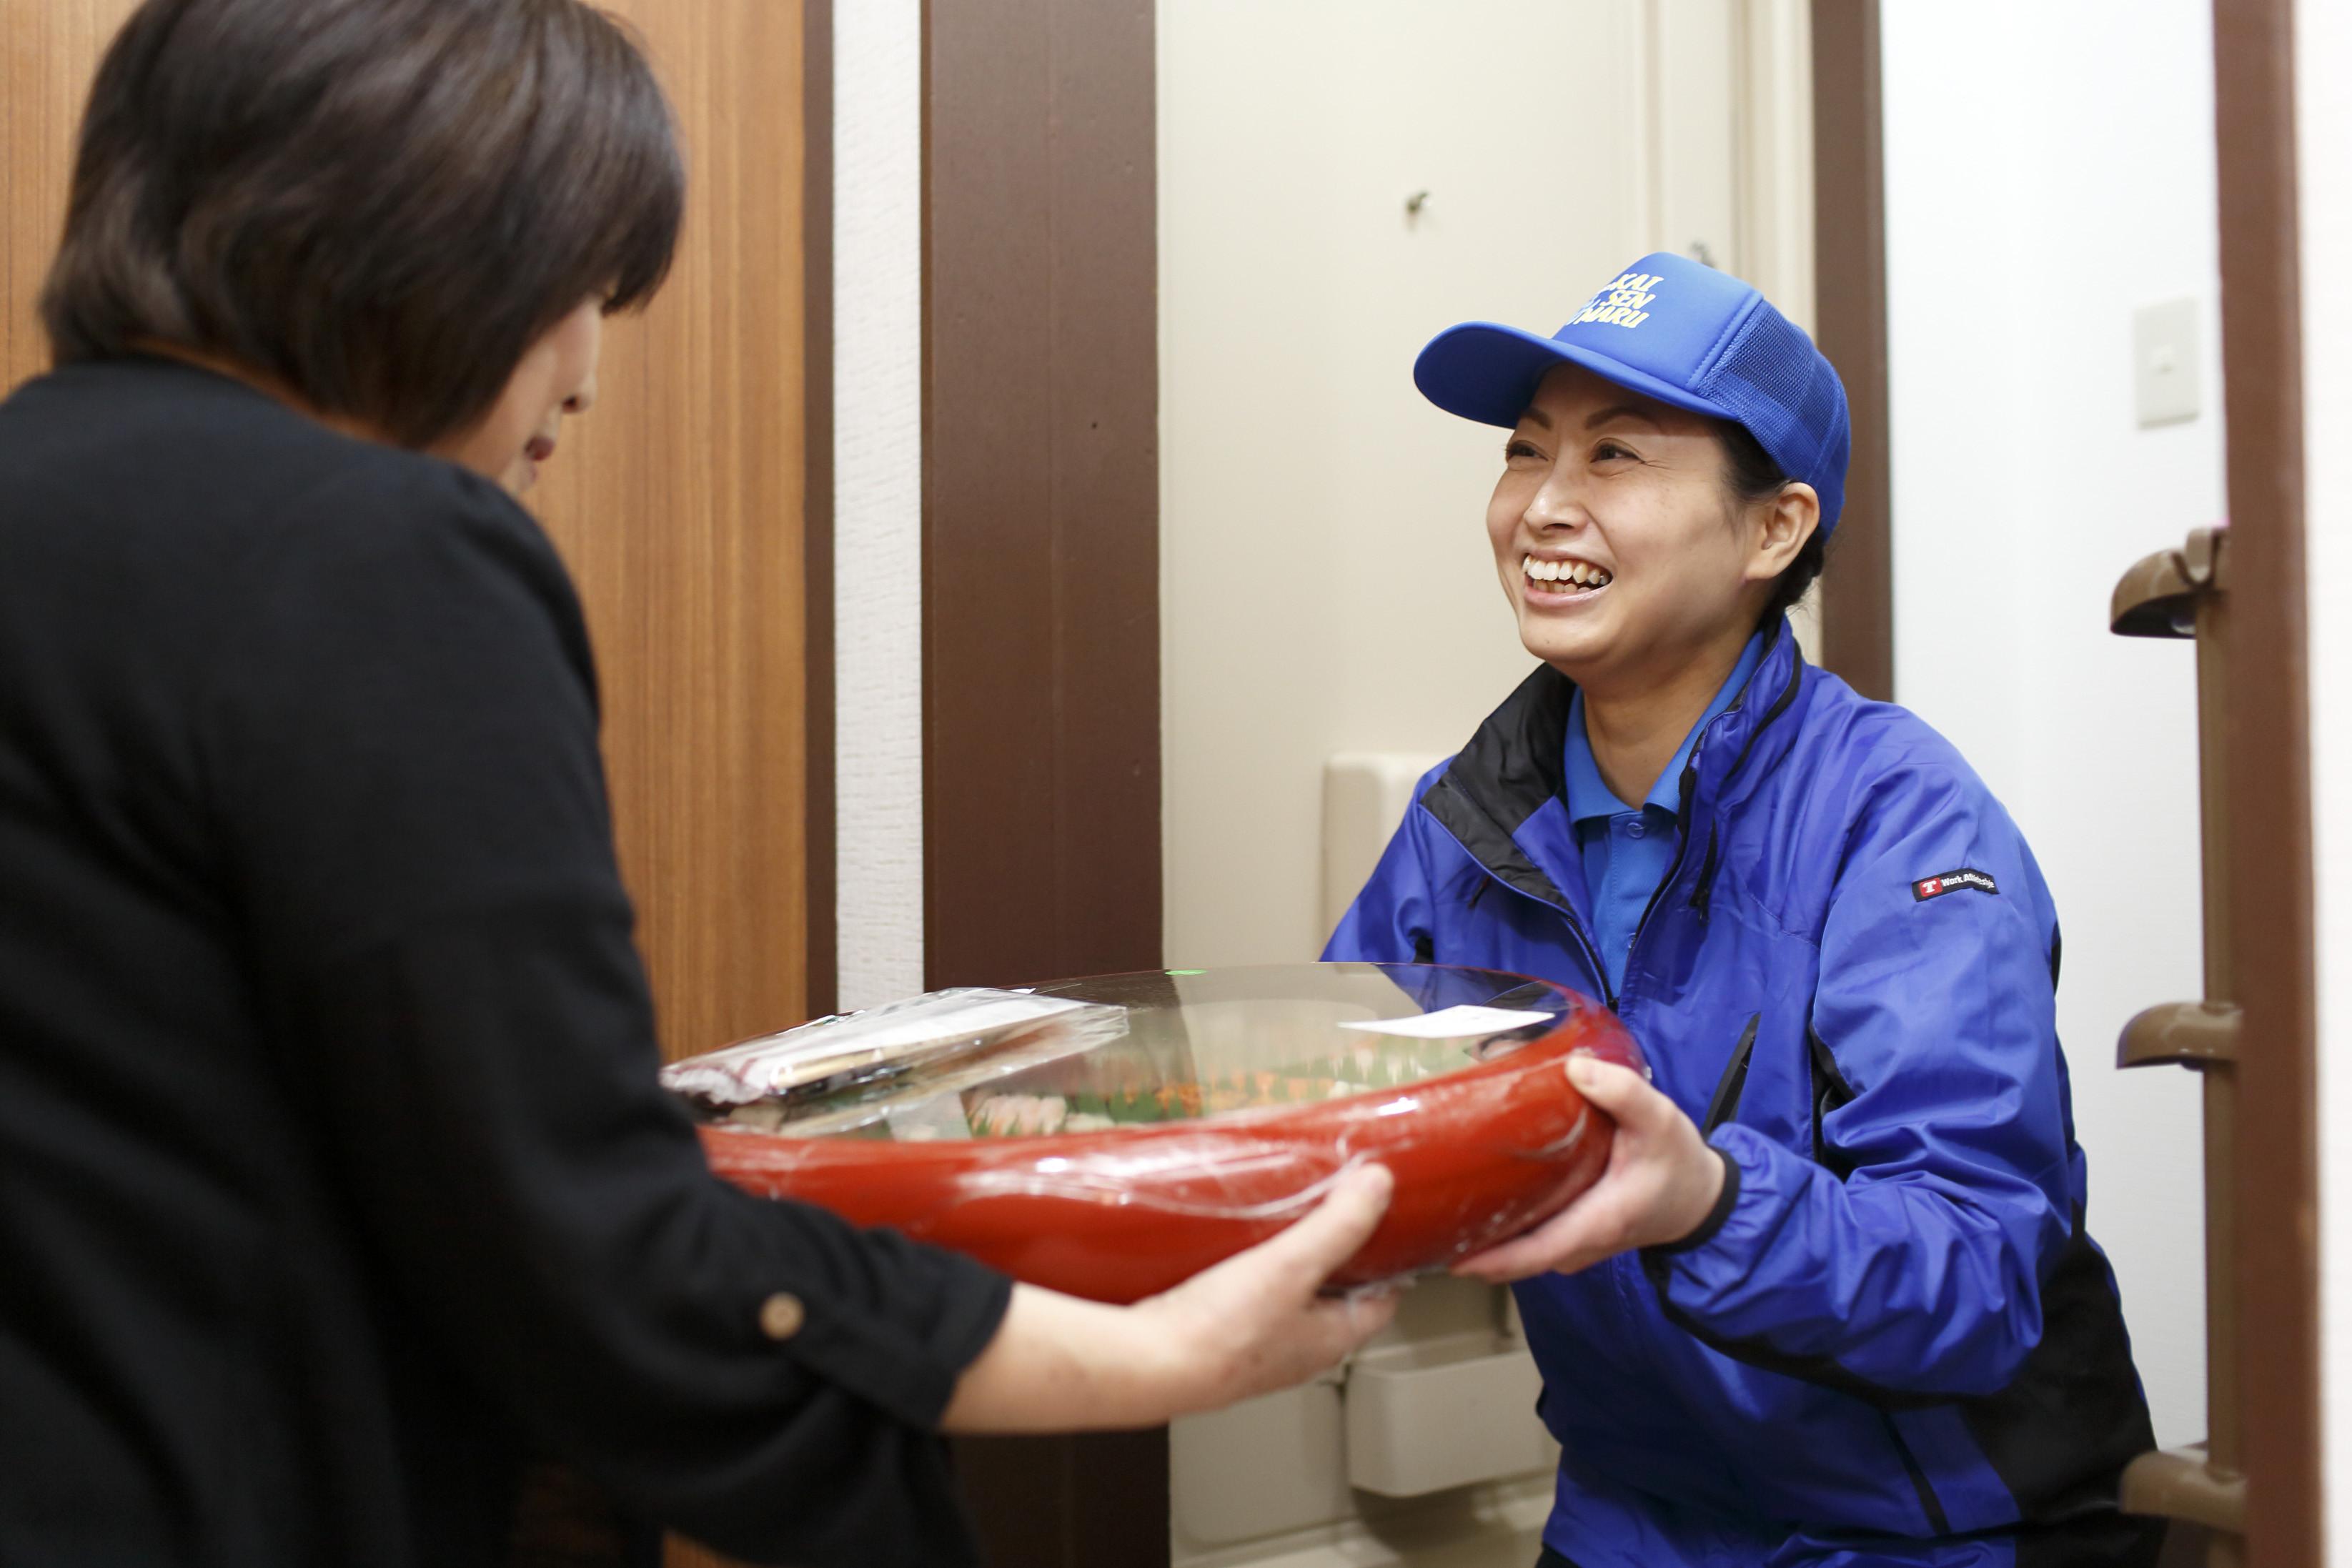 札幌海鮮丸 田喜野井店 デリバリー(配達)スタッフのアルバイト情報